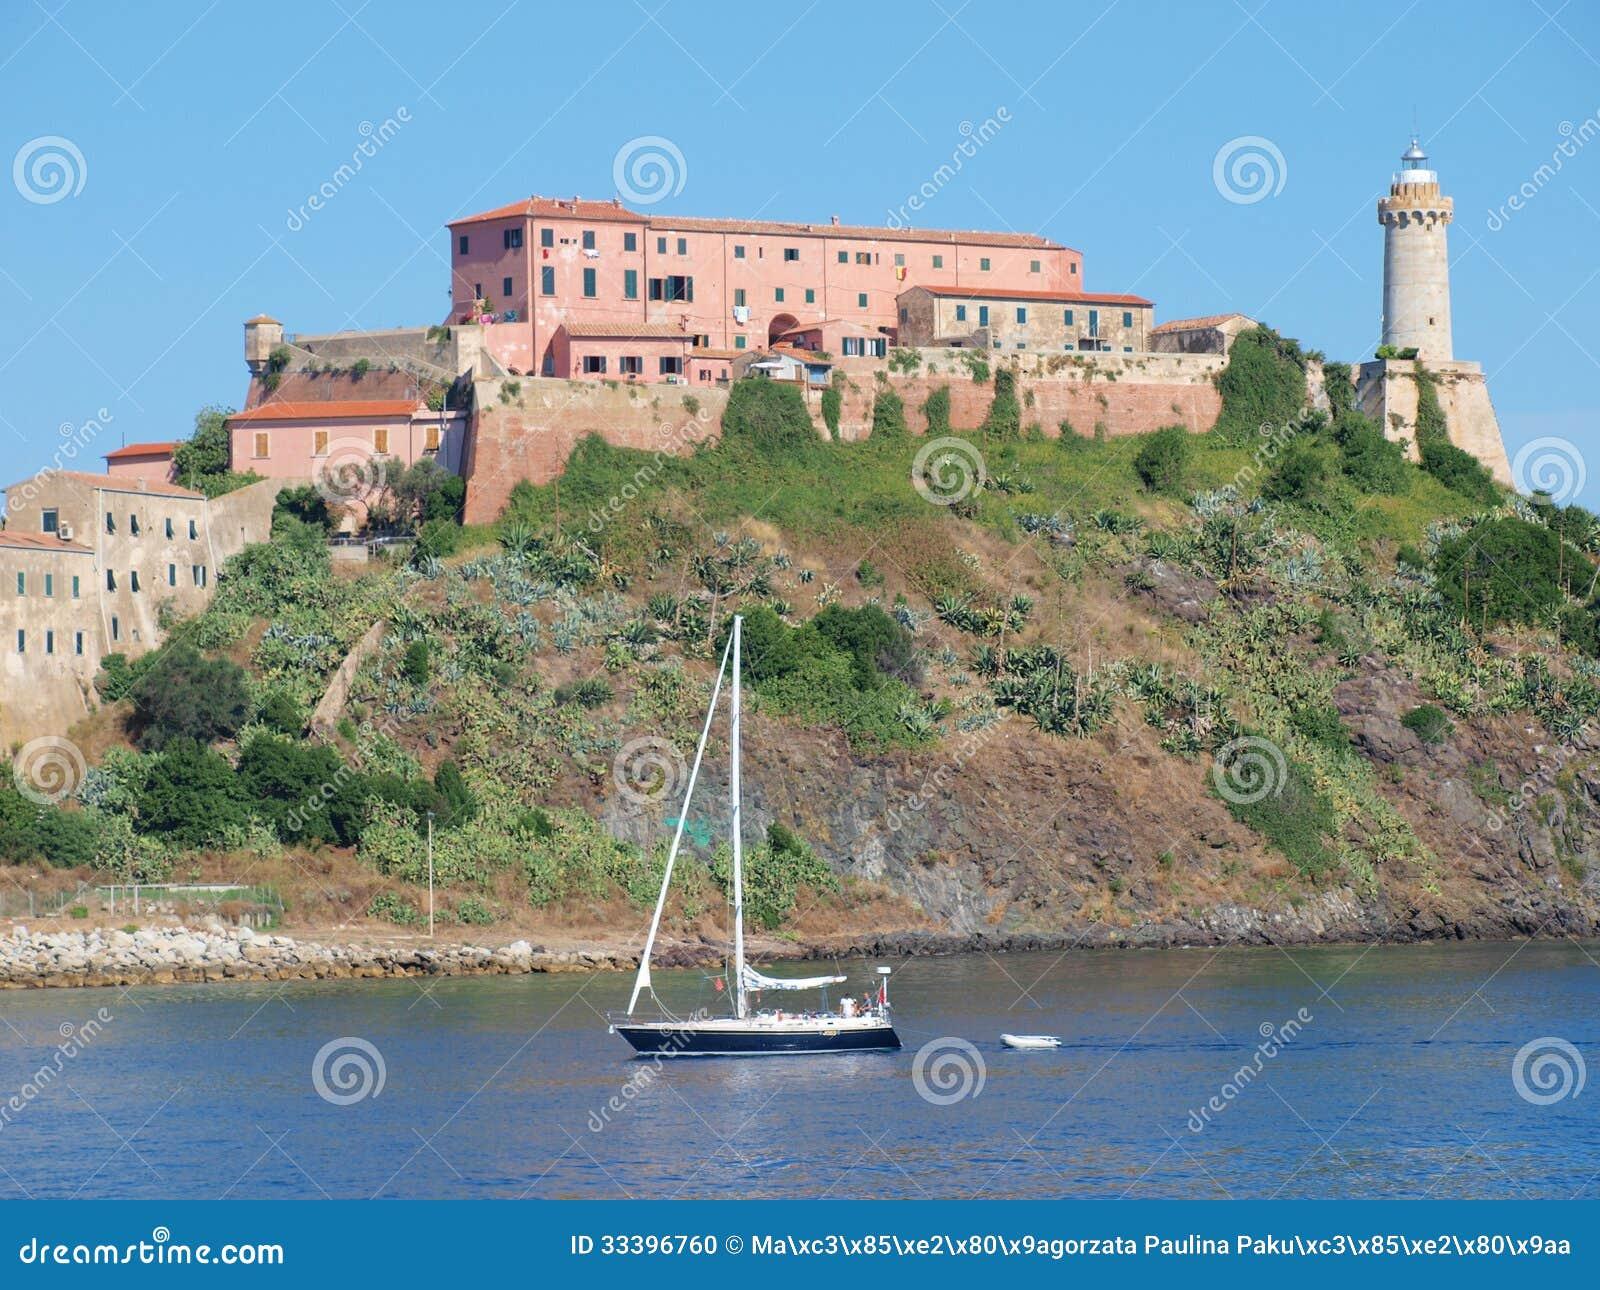 Fort Stella, Portoferraio, Elba, Italy